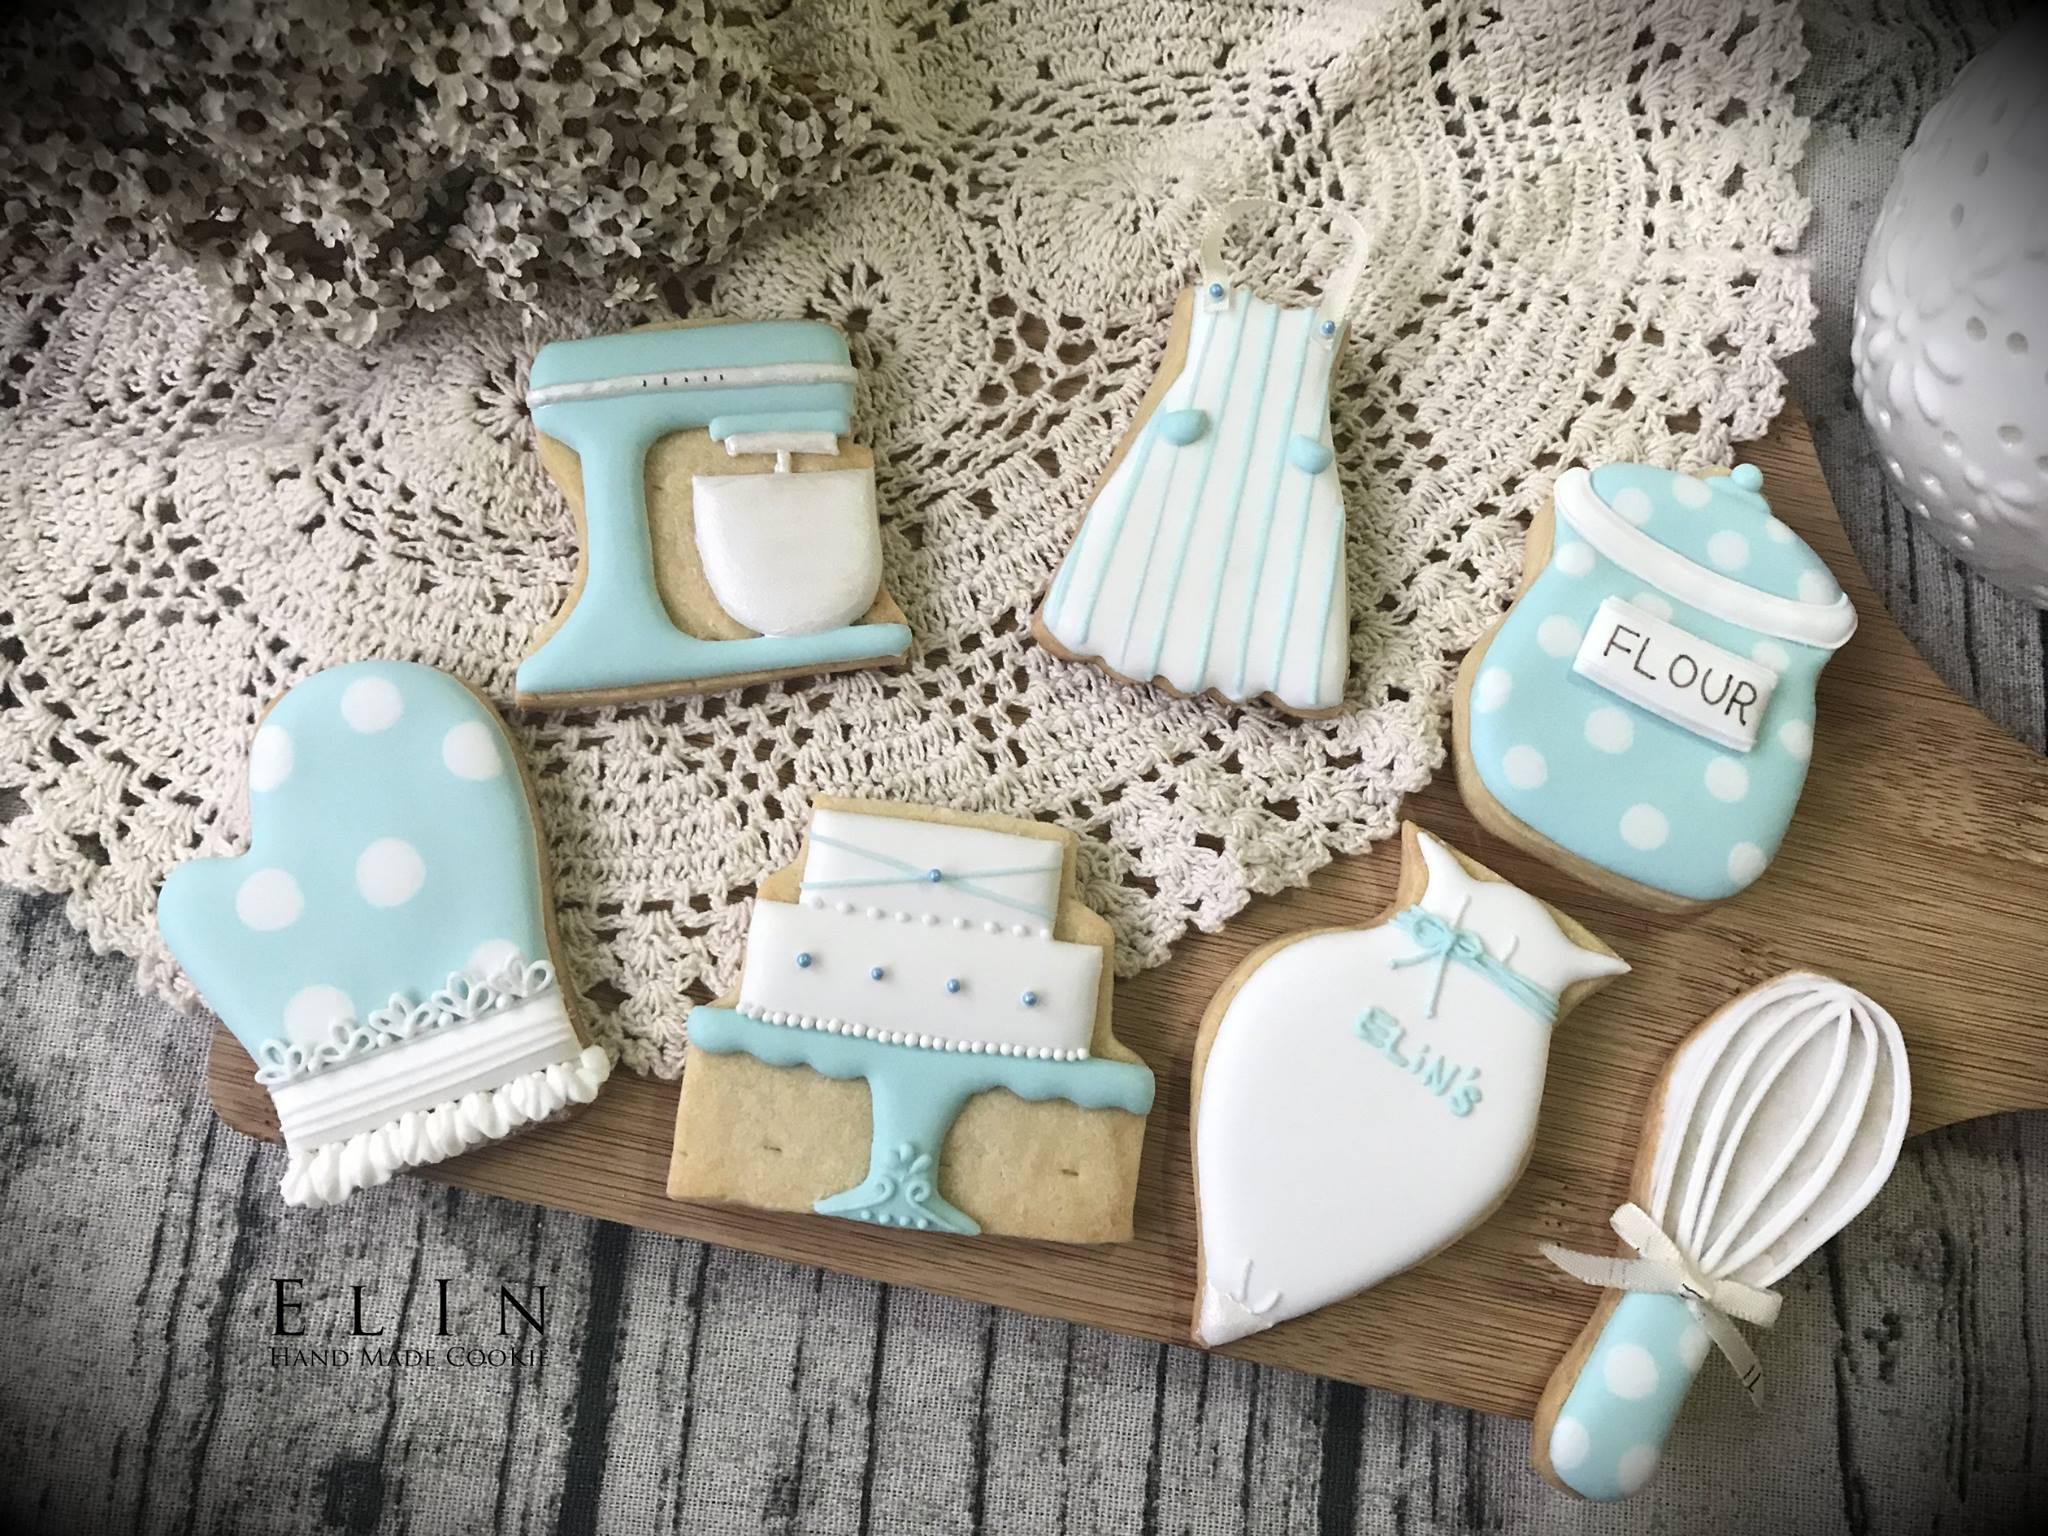 Dream baker